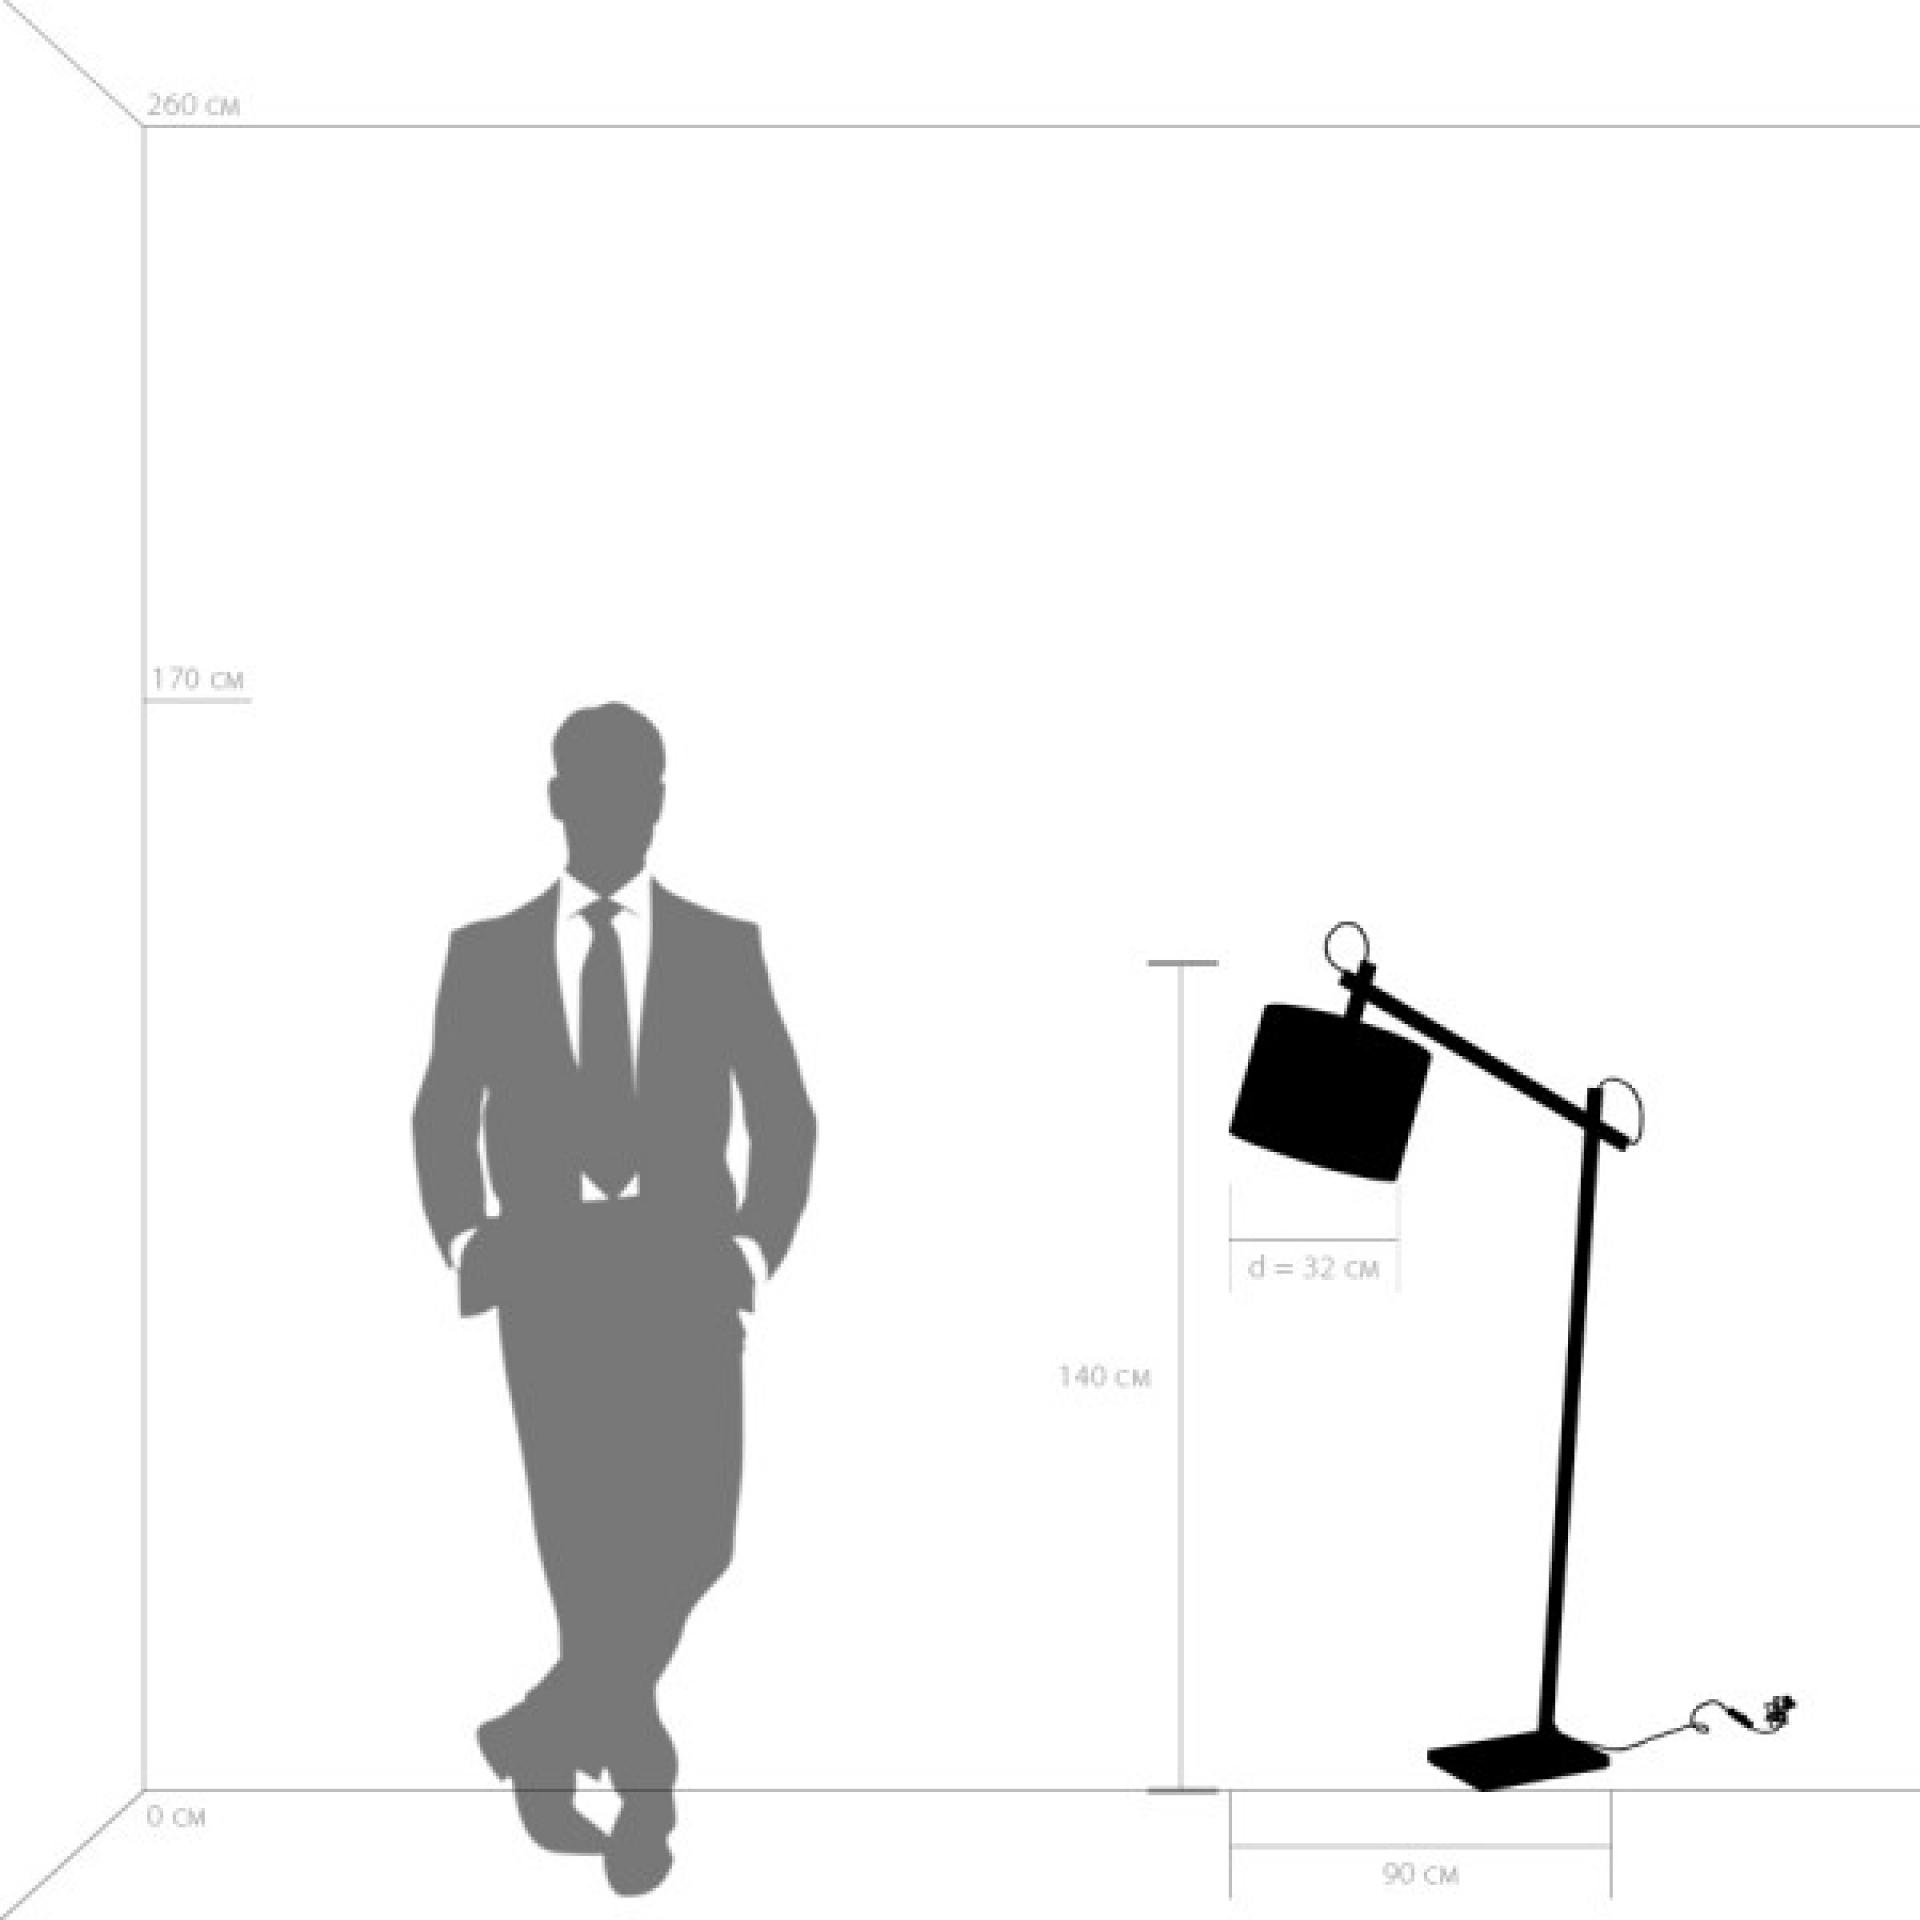 Торшер MECCANO 1х60W E27 хром / белый ткань Lightstar 766719, купить в СПб, Москве, с доставкой, Санкт-Петербург, интернет-магазин люстр и светильников Starlight, фото в жизни